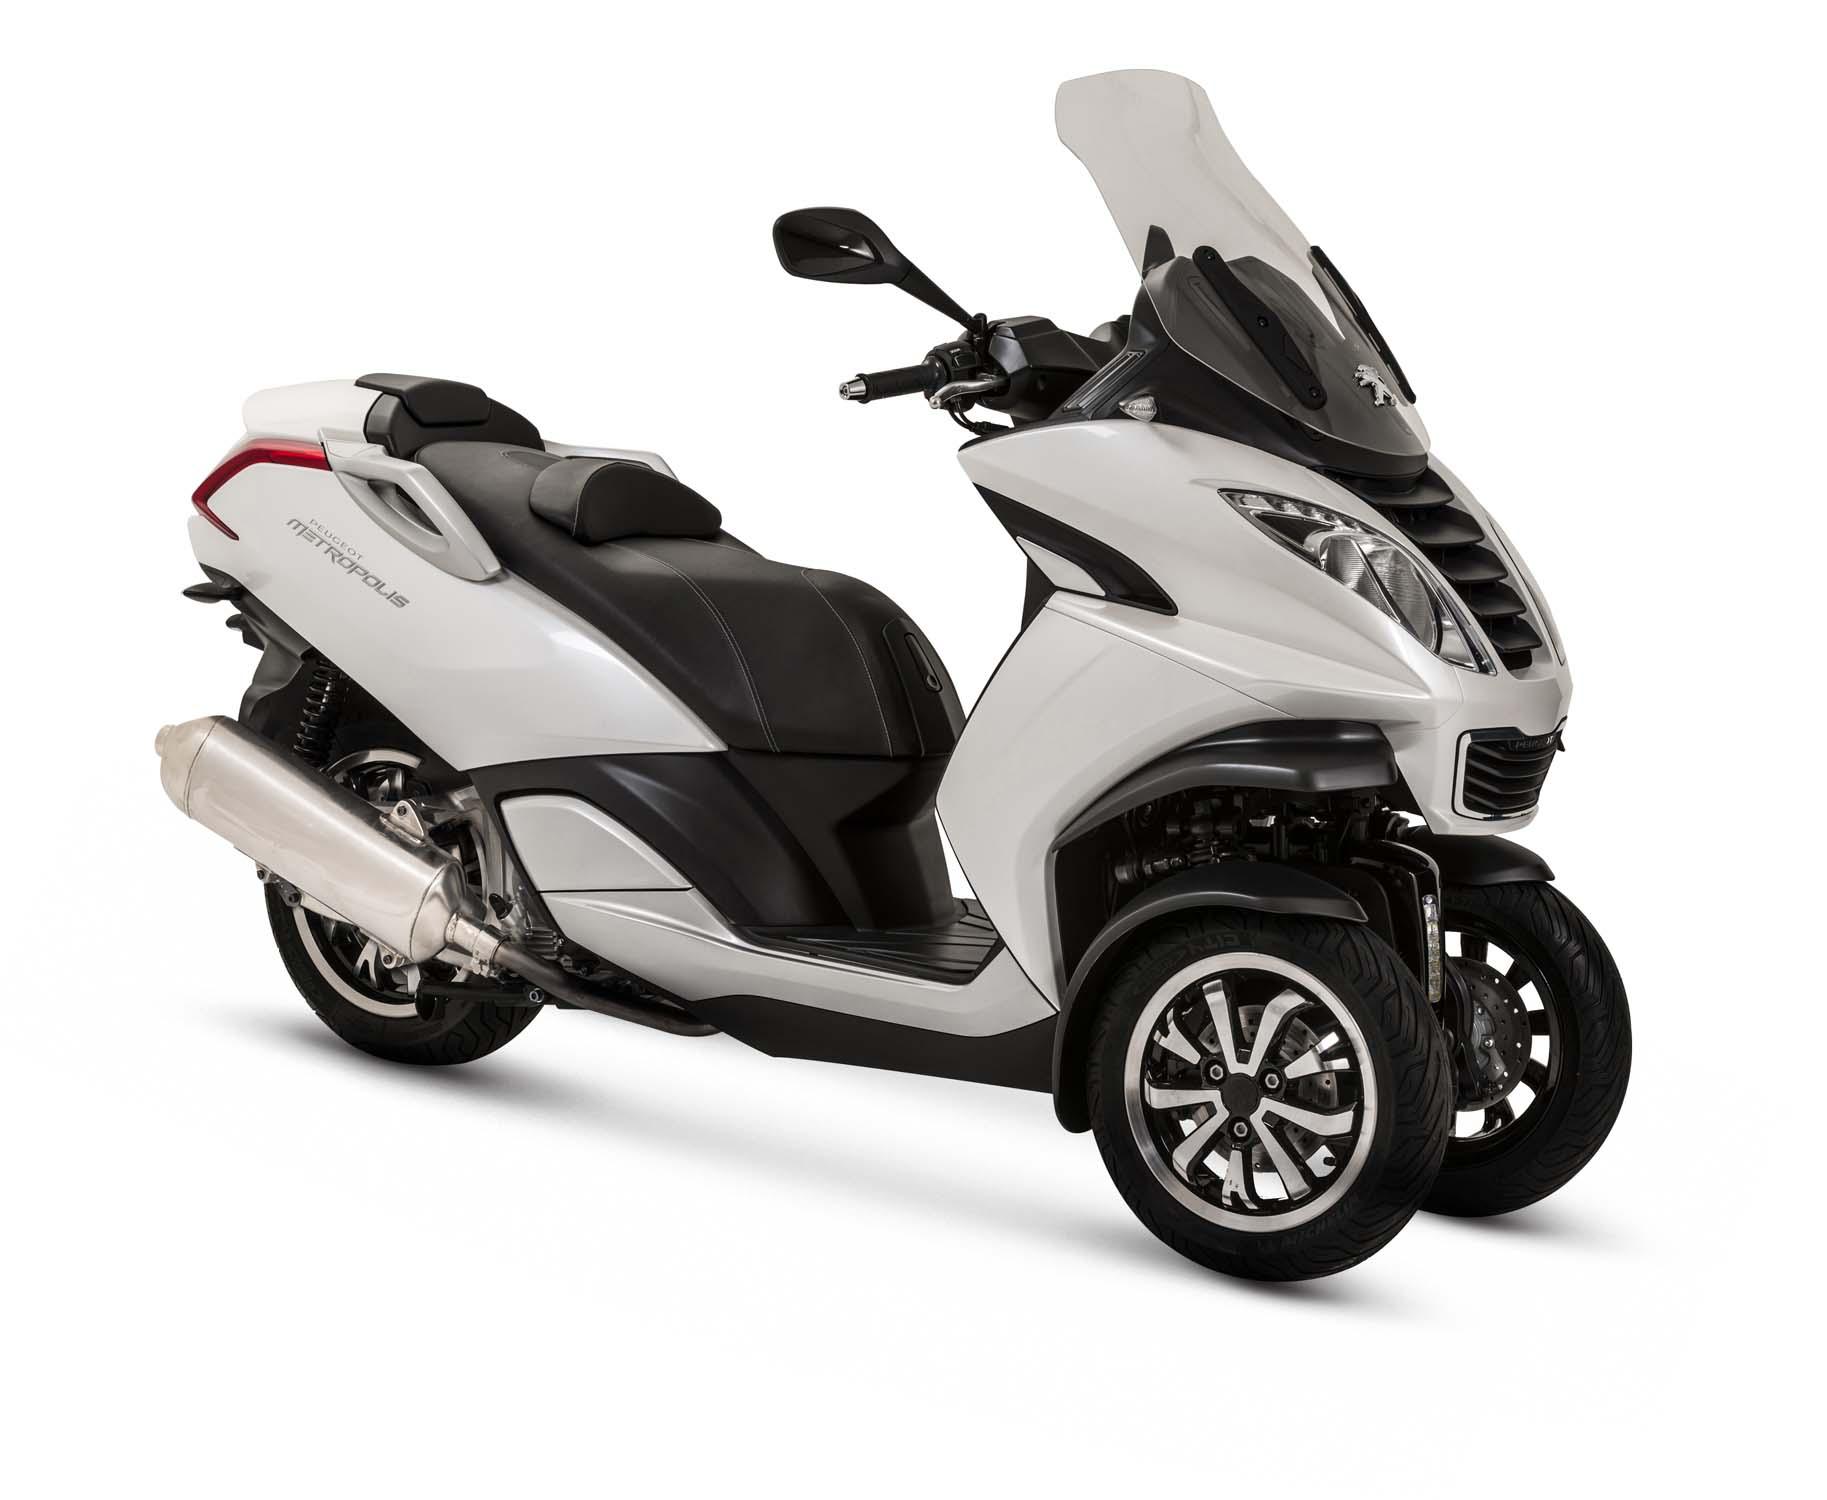 gebrauchte und neue peugeot metropolis 400 motorräder kaufen